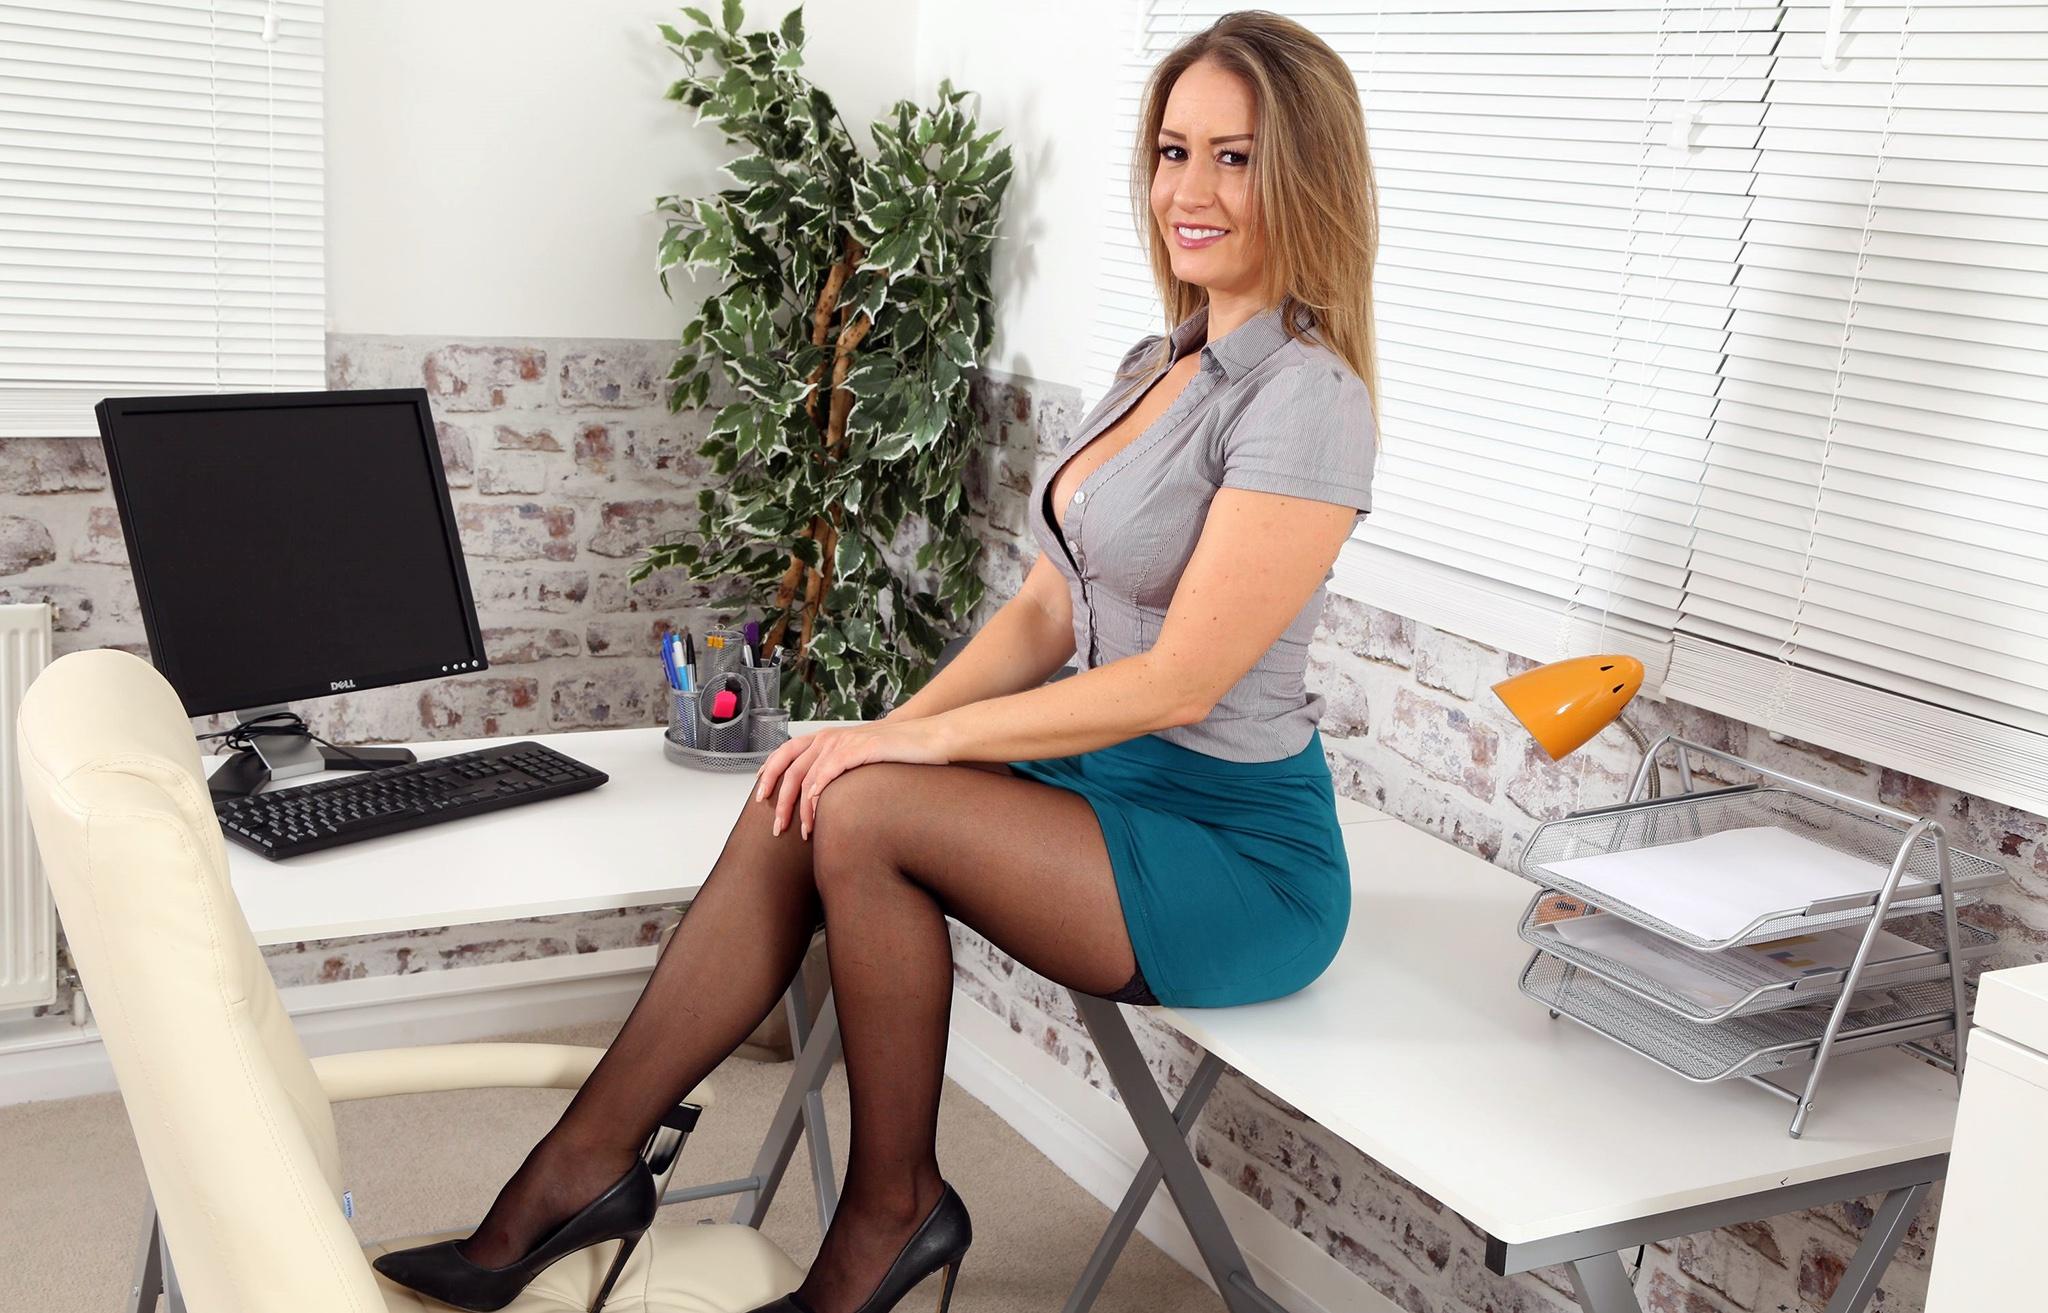 офисные работники под юбками - 2